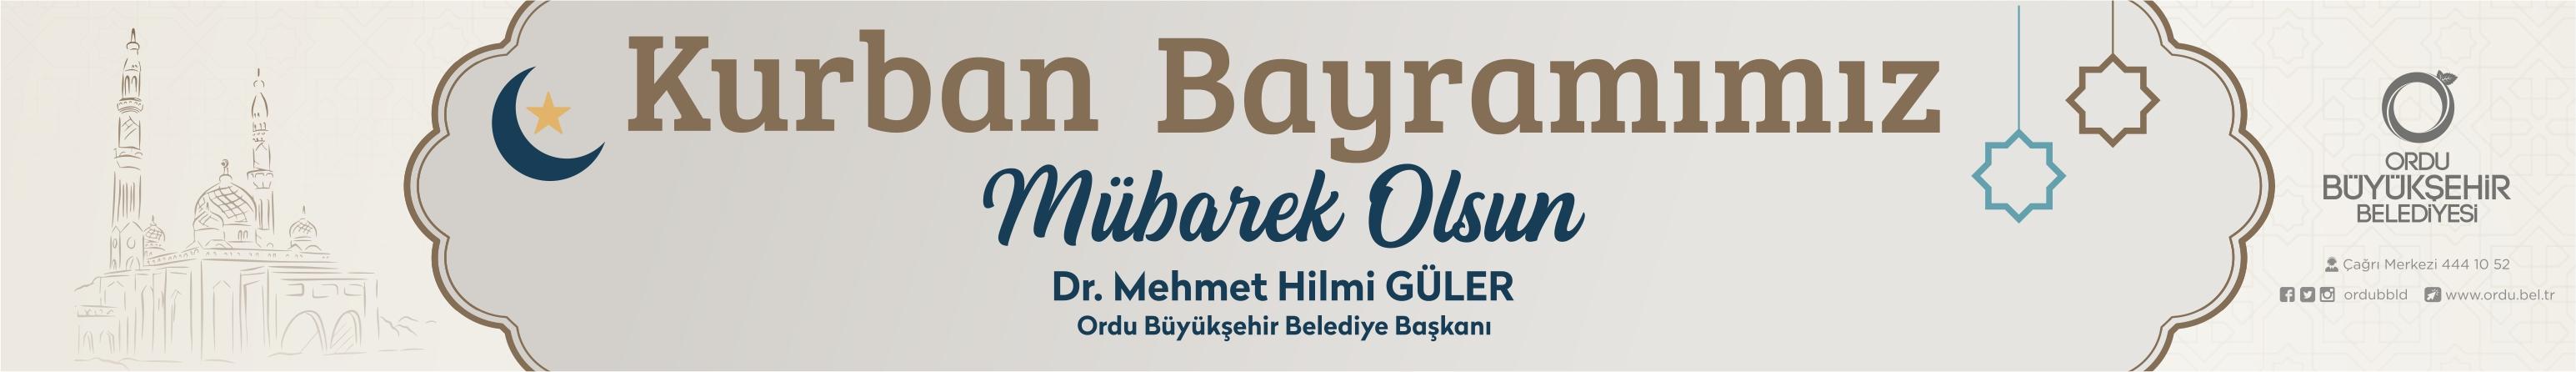 Ordu Büyükşehir Belediyesi Kurban Bayramı Kutlaması